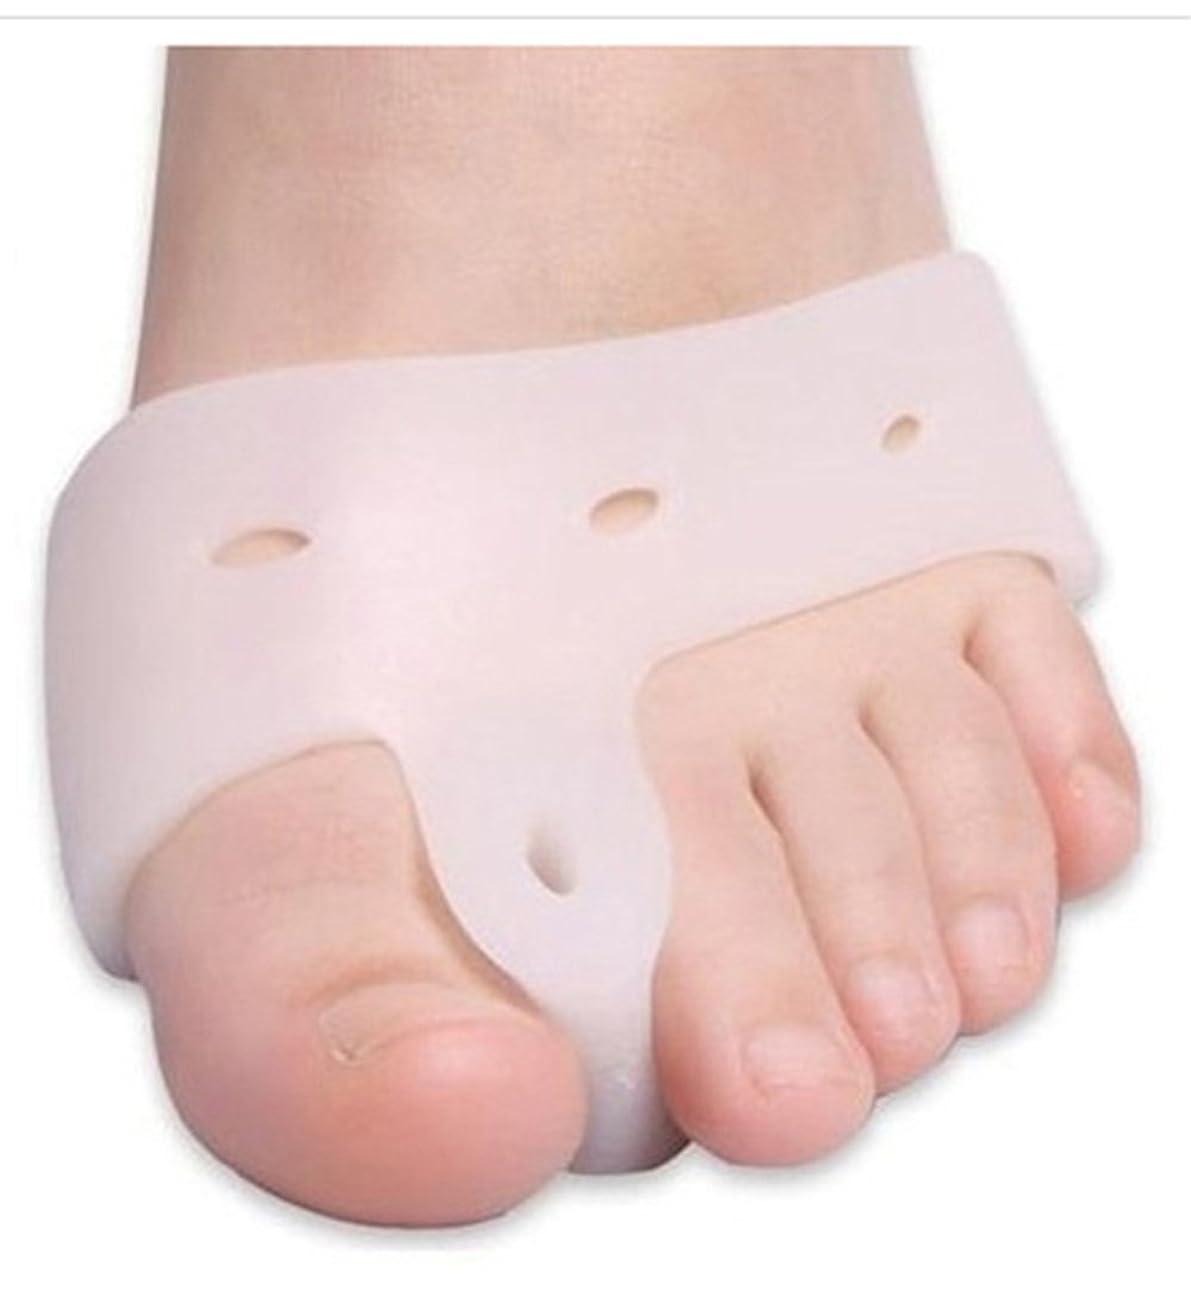 もちろんアンドリューハリディフェデレーションWorld Star? Original Deluxe Bunion Pad & Toe Spacer - 2 Pieces - Soft Gel Toe Separators for Active People - Pain Relief for Bunions & Tailor's Bunions [並行輸入品]